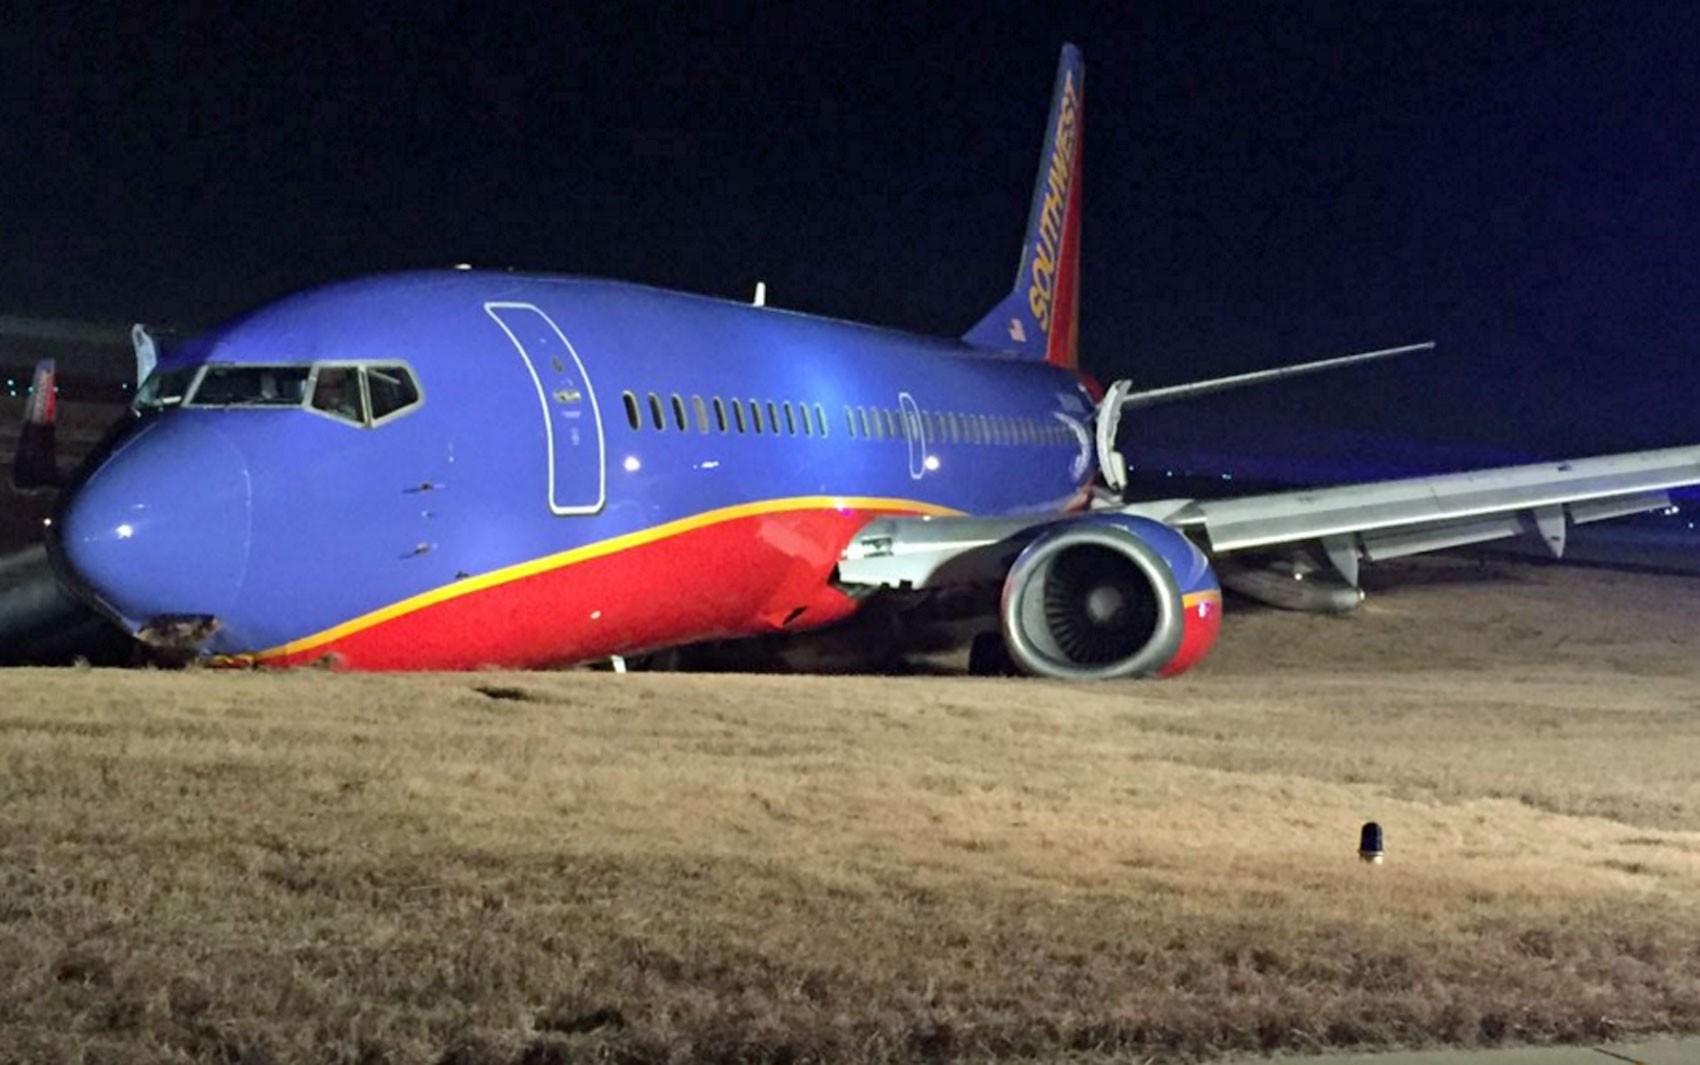 Foto publicada no Twitter mostra o avião acidentado no aeroporto de Nashville (Foto: Reprodução/Twitter/Sam_Gatlin)